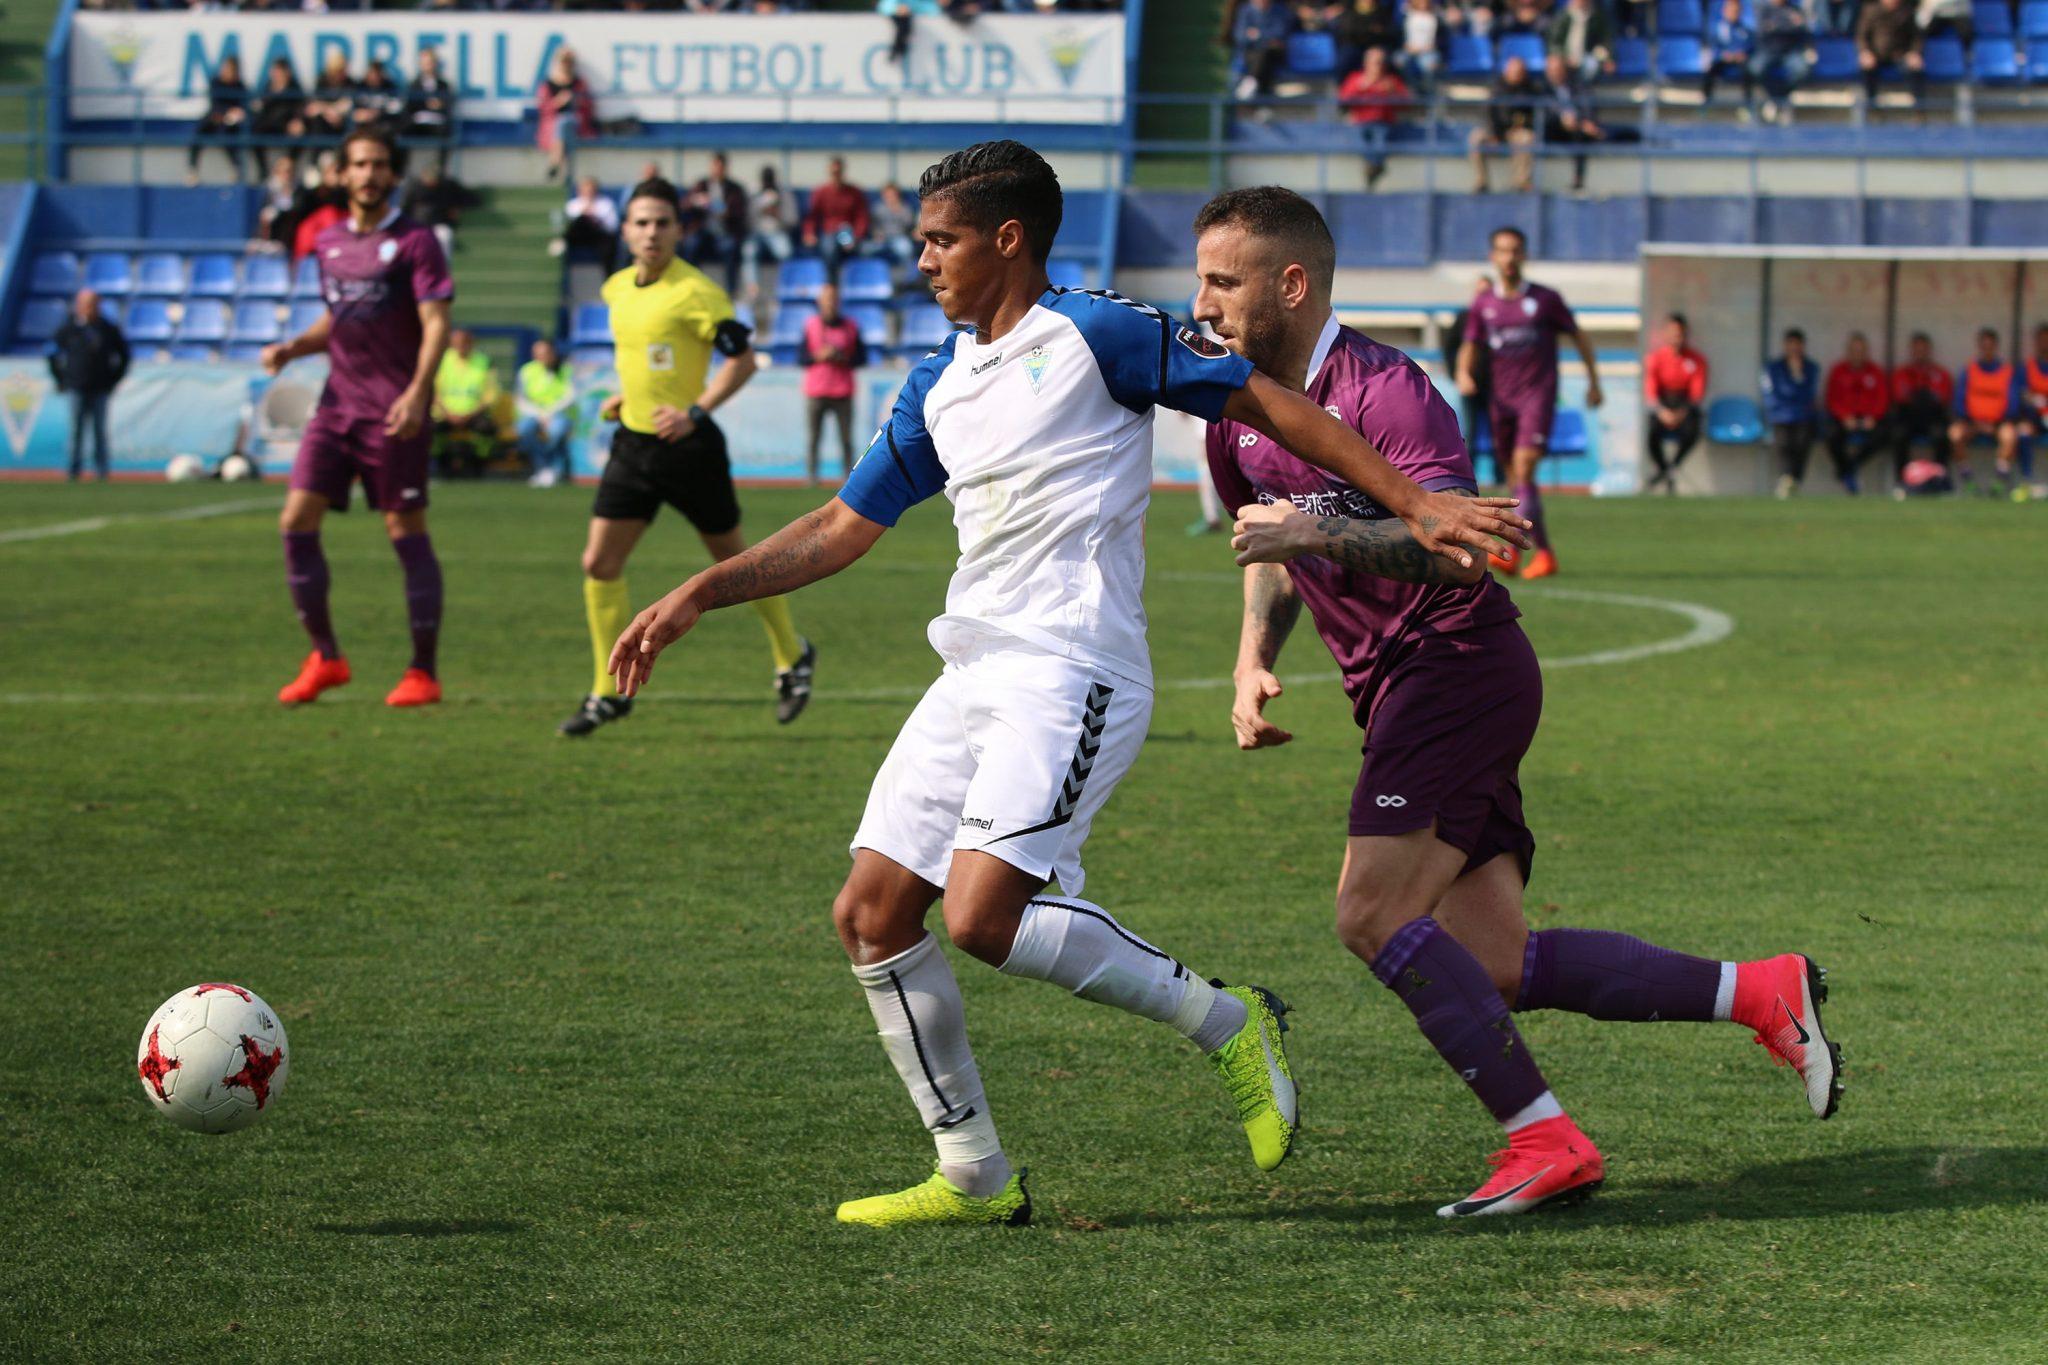 El Marbella FC sigue imbatible y suma tres puntos ante un buen Jumilla